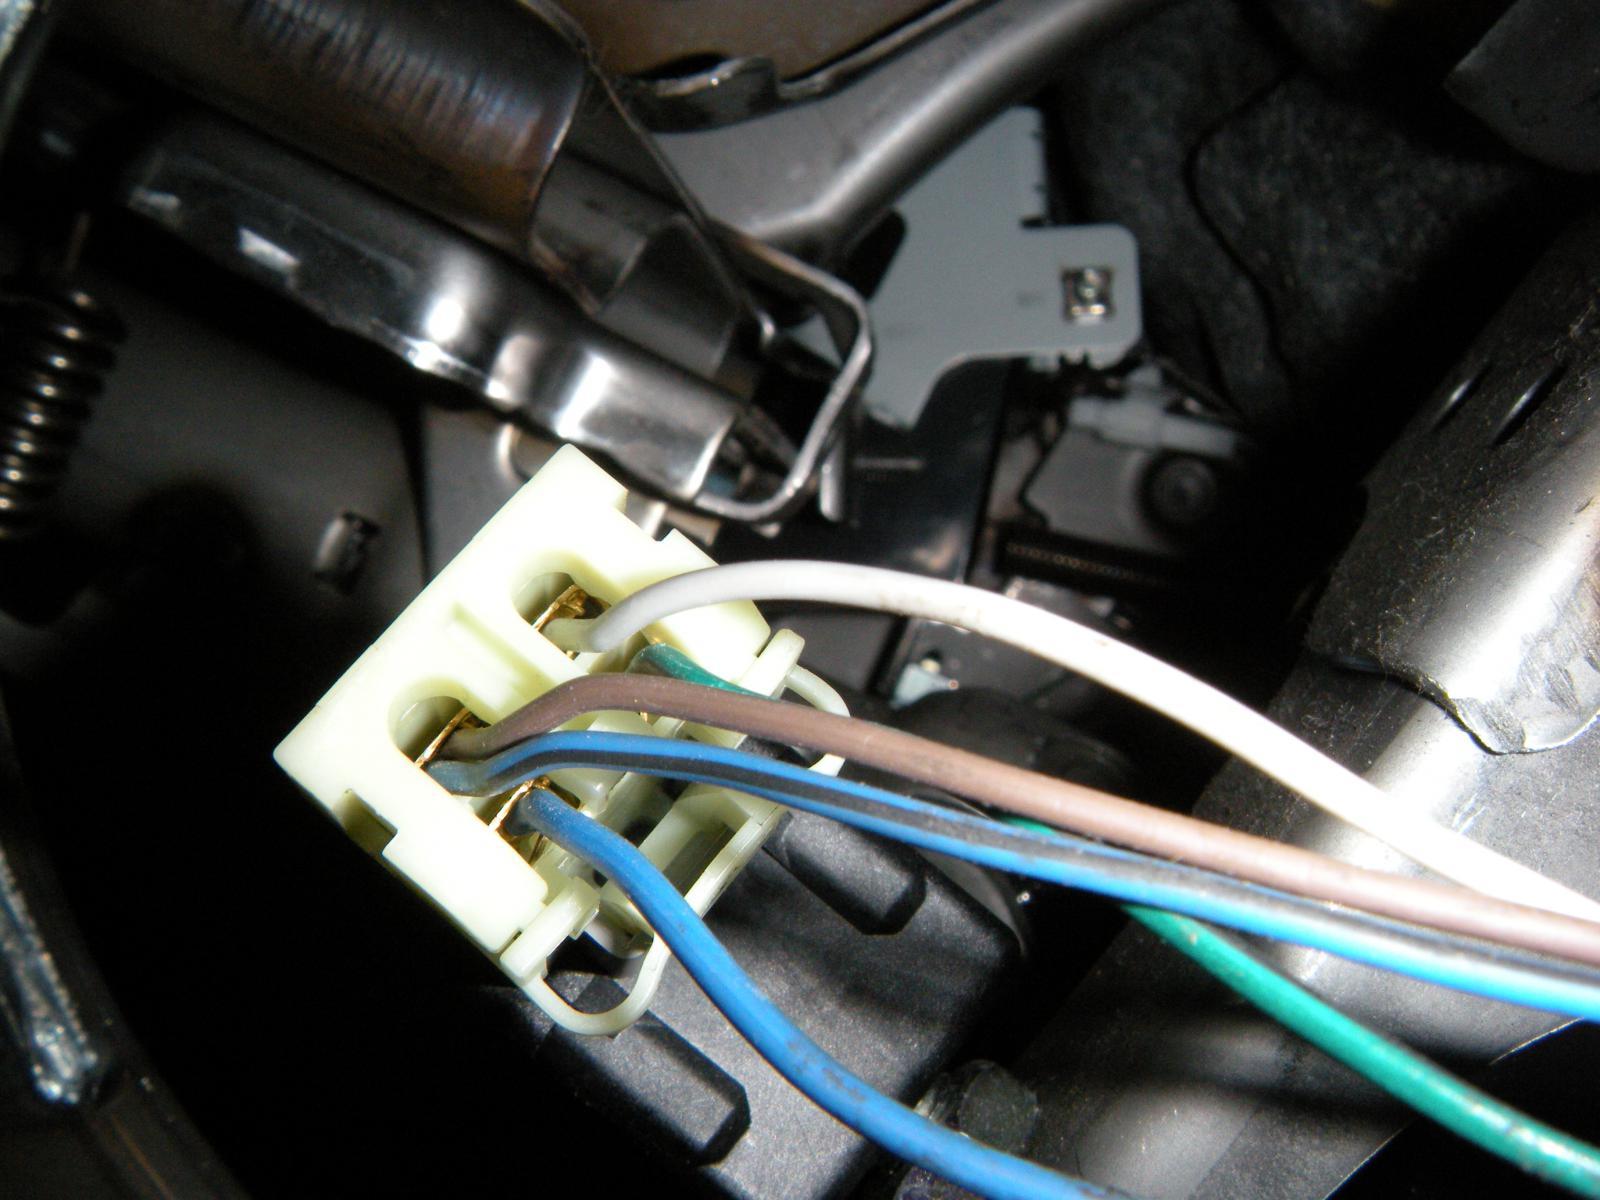 2011 sorento sx brake control wiring page 2 kia forum 2018 Kia Sorento attached thumbnails